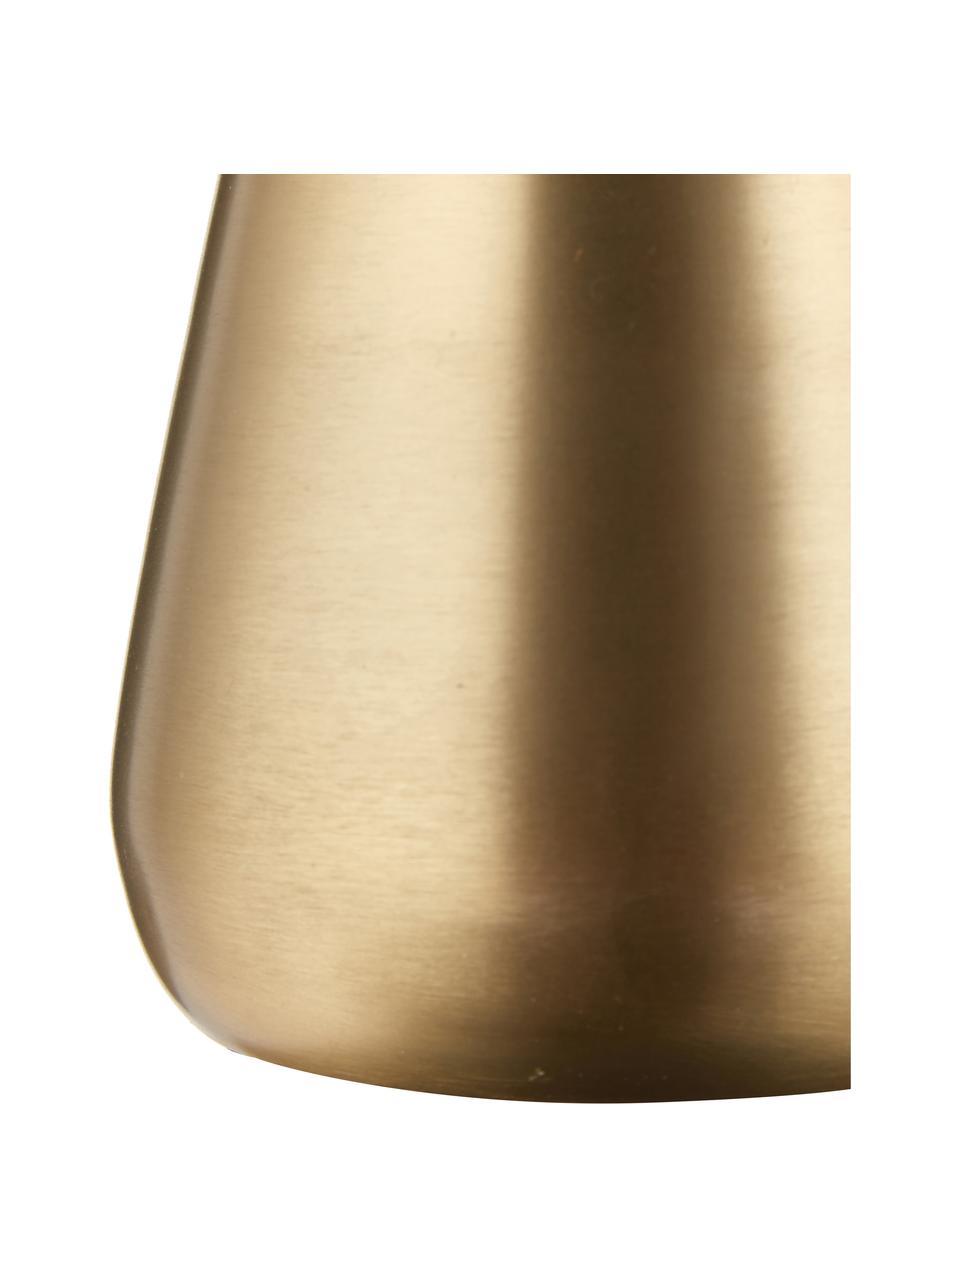 XS Deko-Vase Simply aus Metall, Metall, beschichtet und nicht wasserdicht, Messingfarben, Ø 10 x H 9 cm